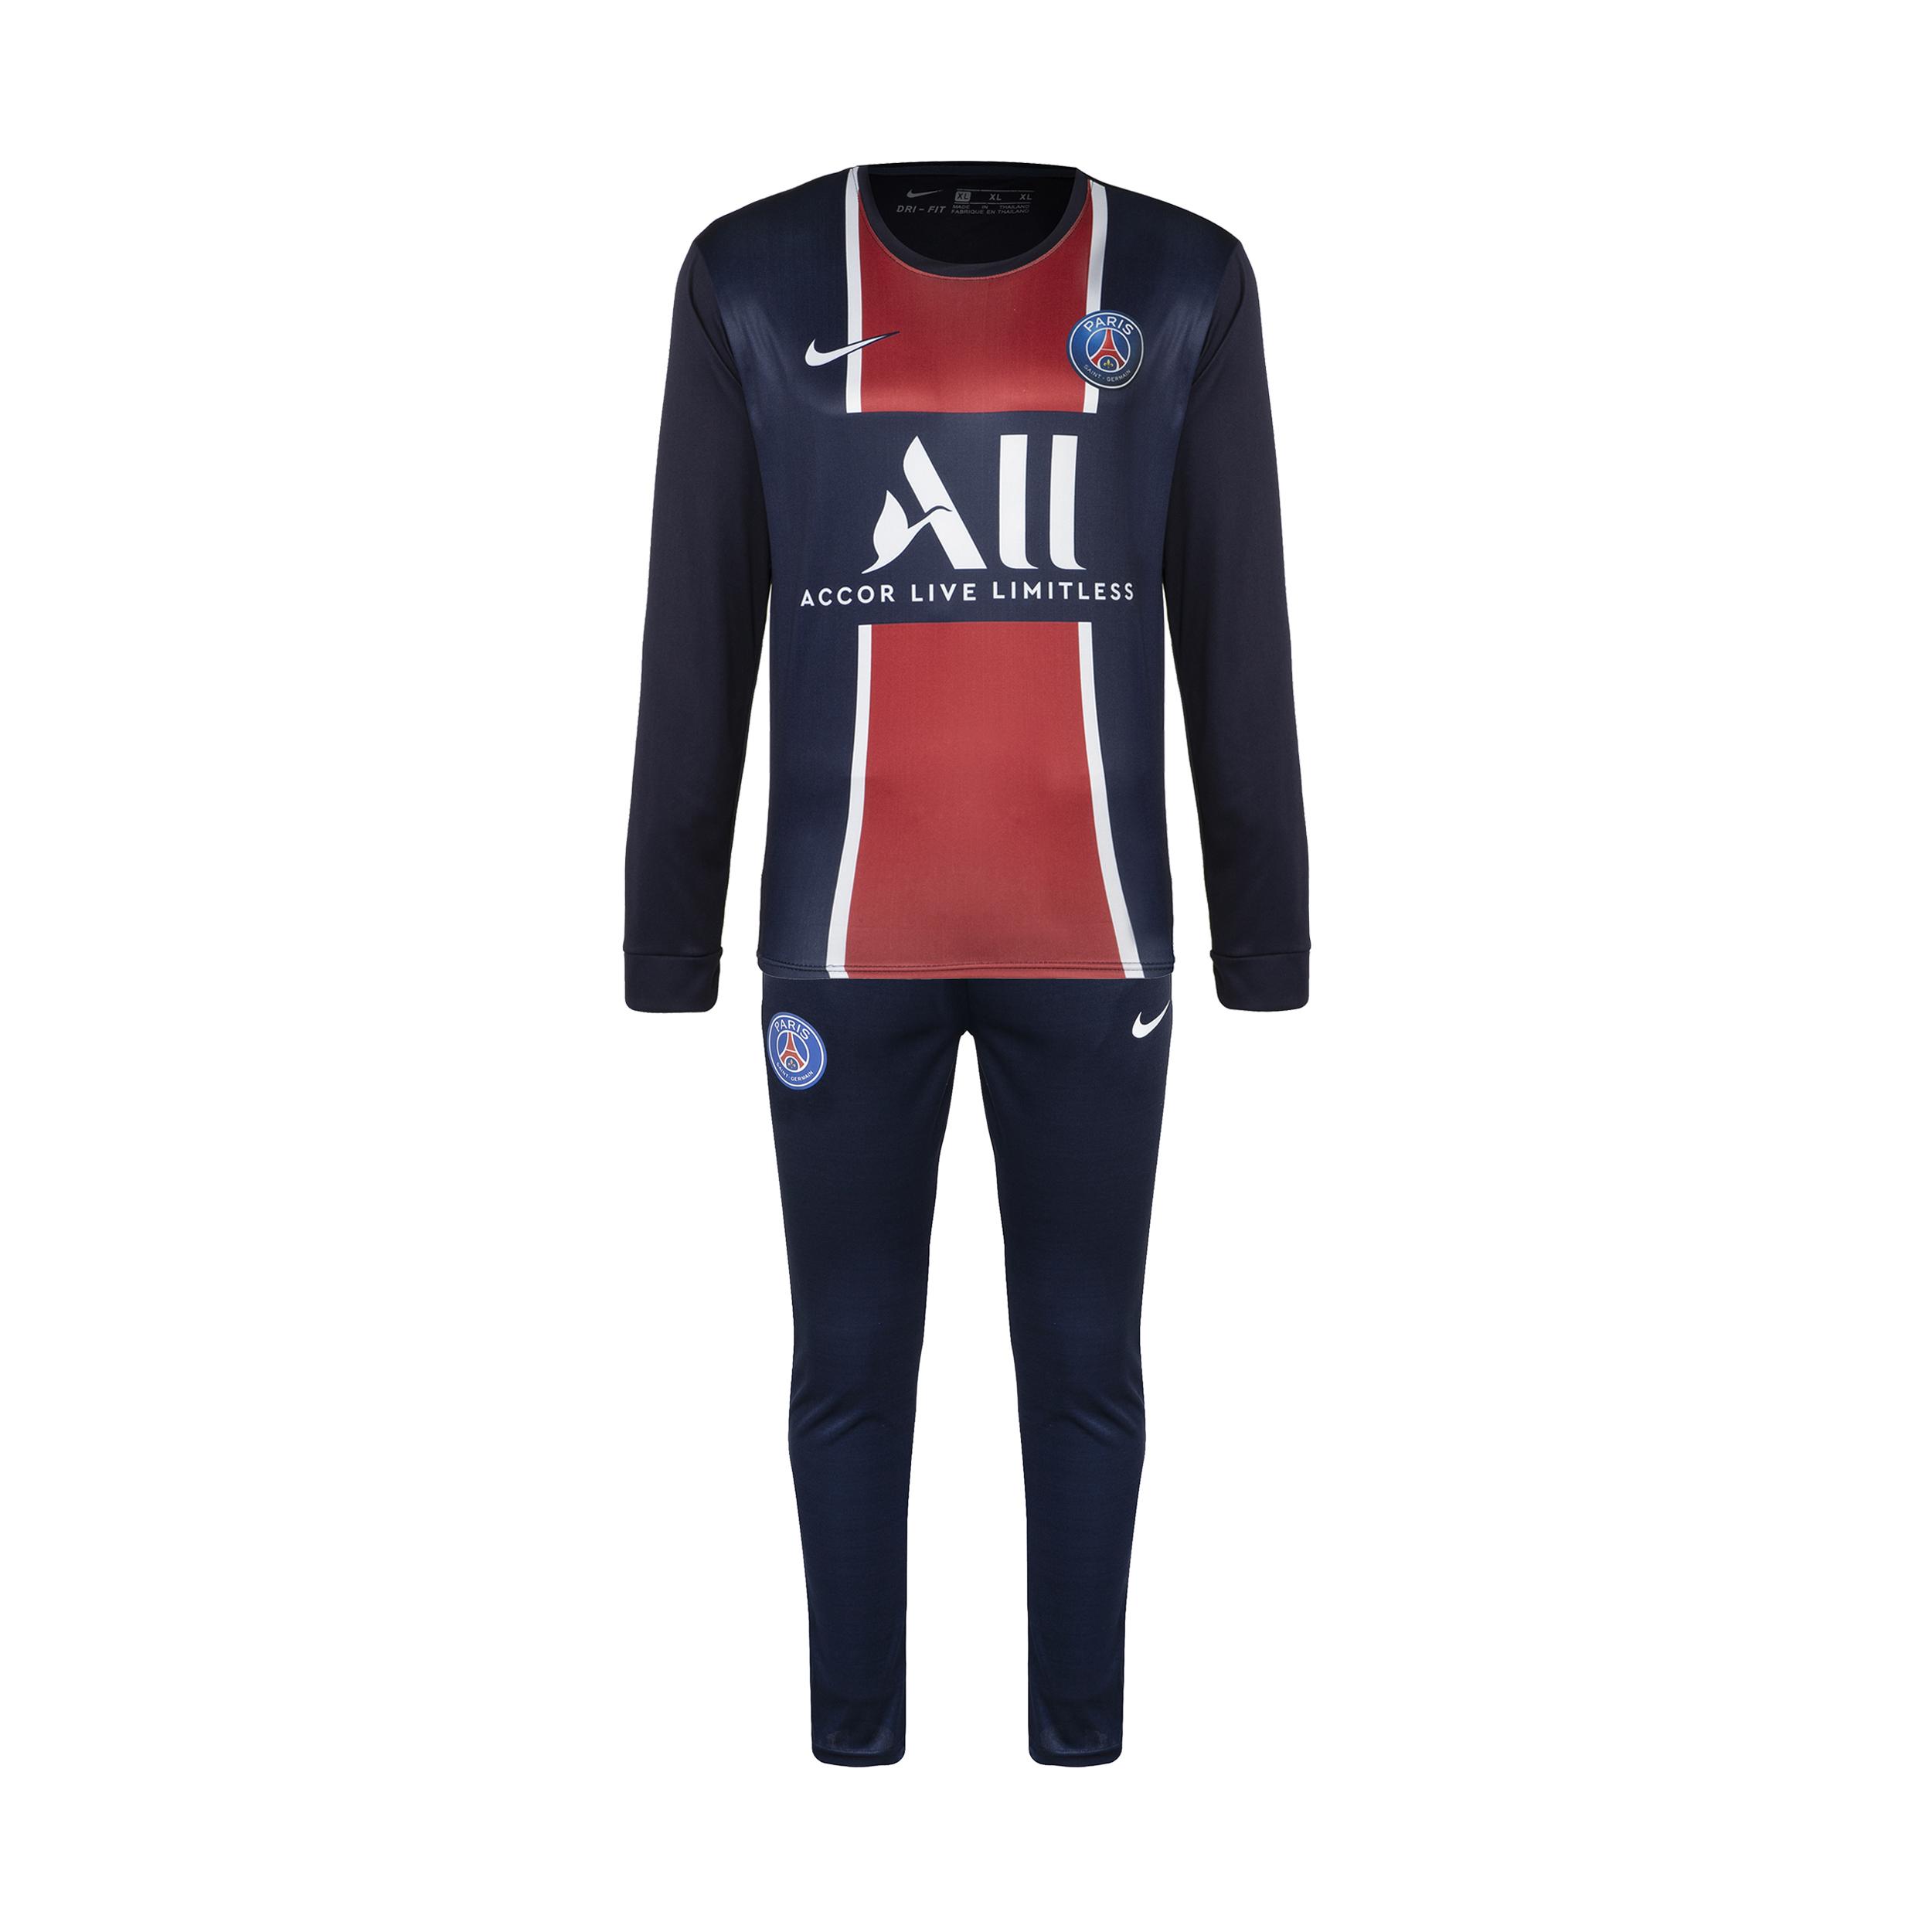 ست تی شرت و شلوار ورزشی پسرانه طرح پاریس سنت ژرمن مدل 2021                     غیر اصل